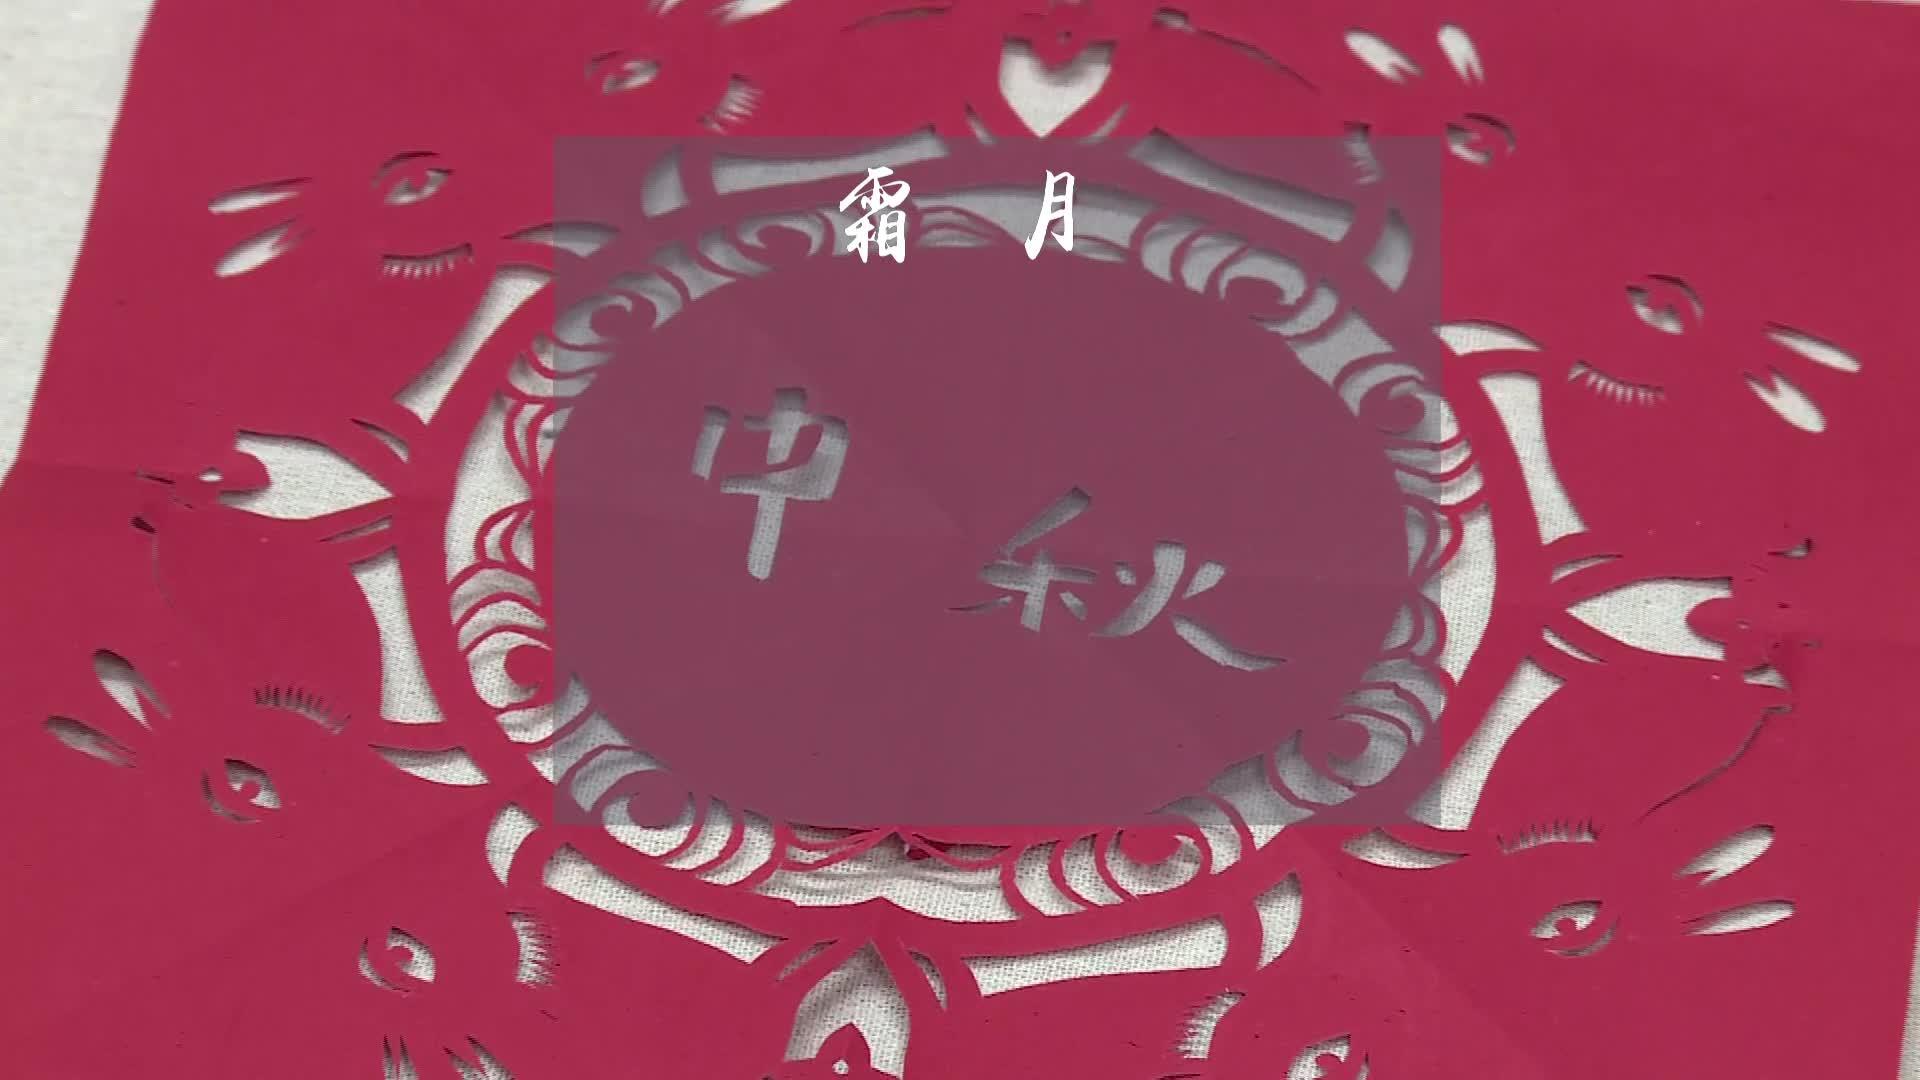 月满中秋人团圆丨剪纸欣赏《如意花开》